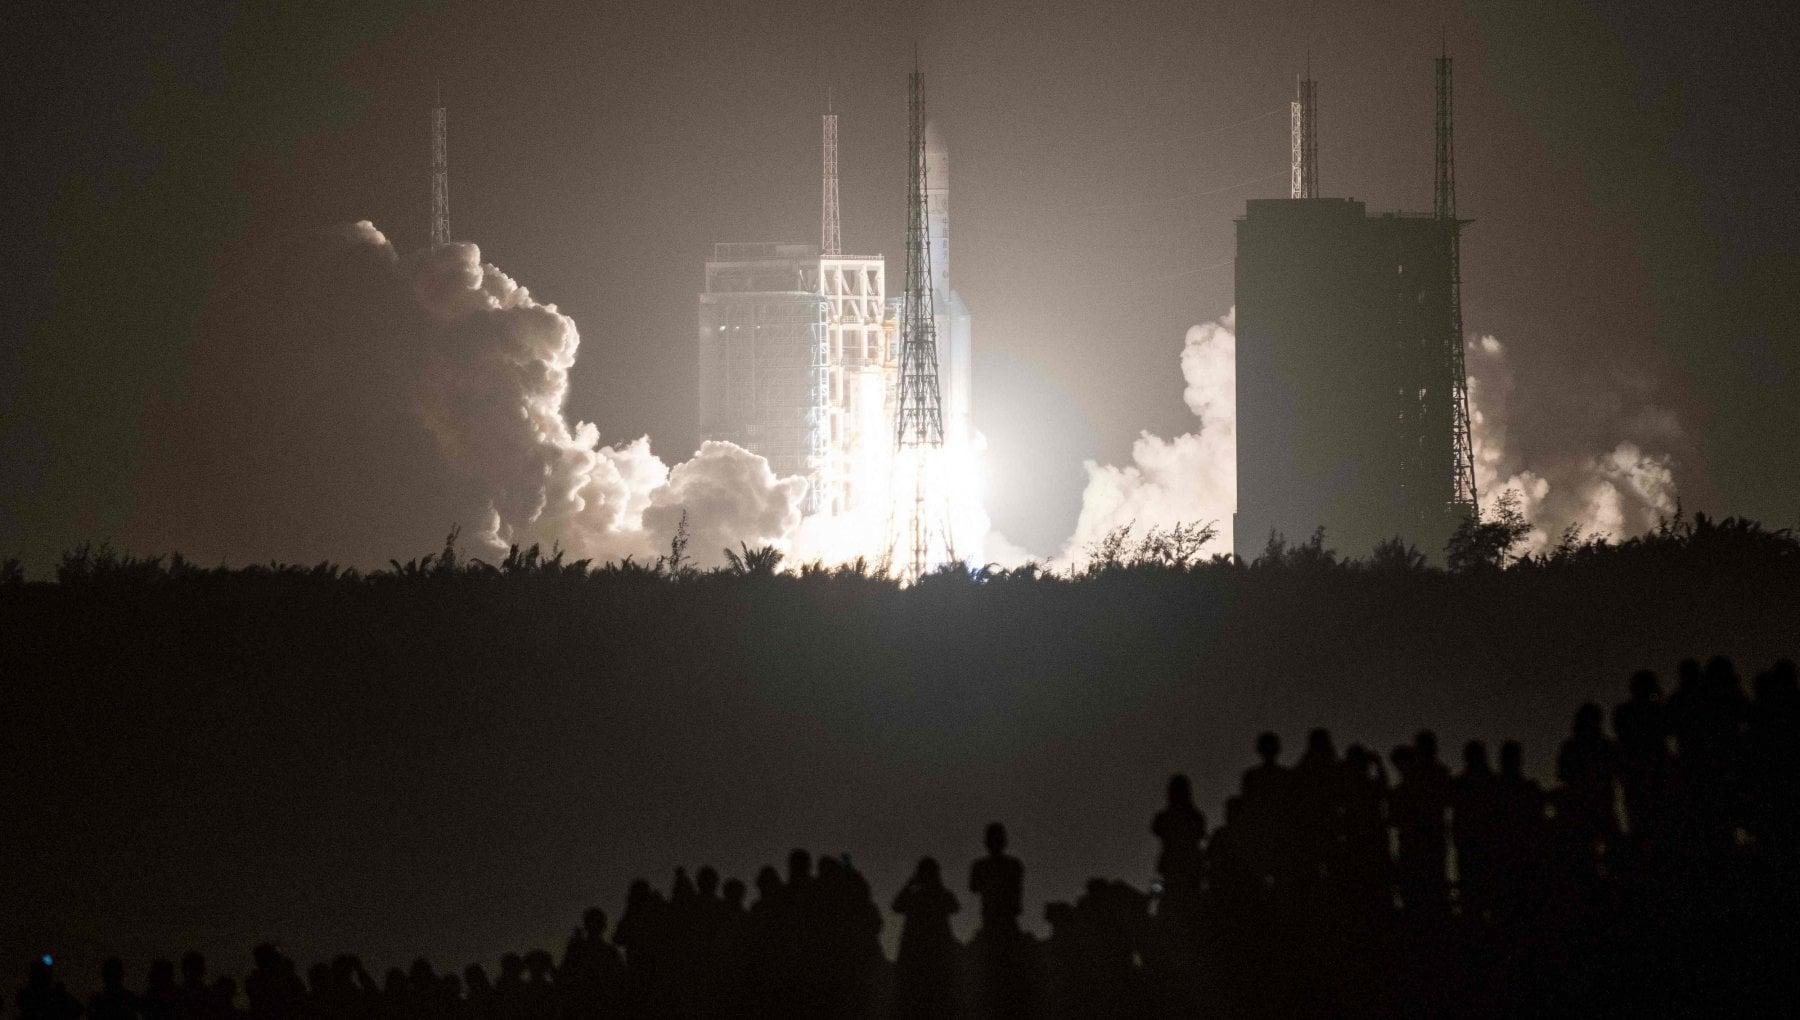 102928367 a7a1f28a 133b 416a a0b8 3450c9643711 - Portare sulla Terra un frammento della Luna: per la prima volta ci prova la Cina